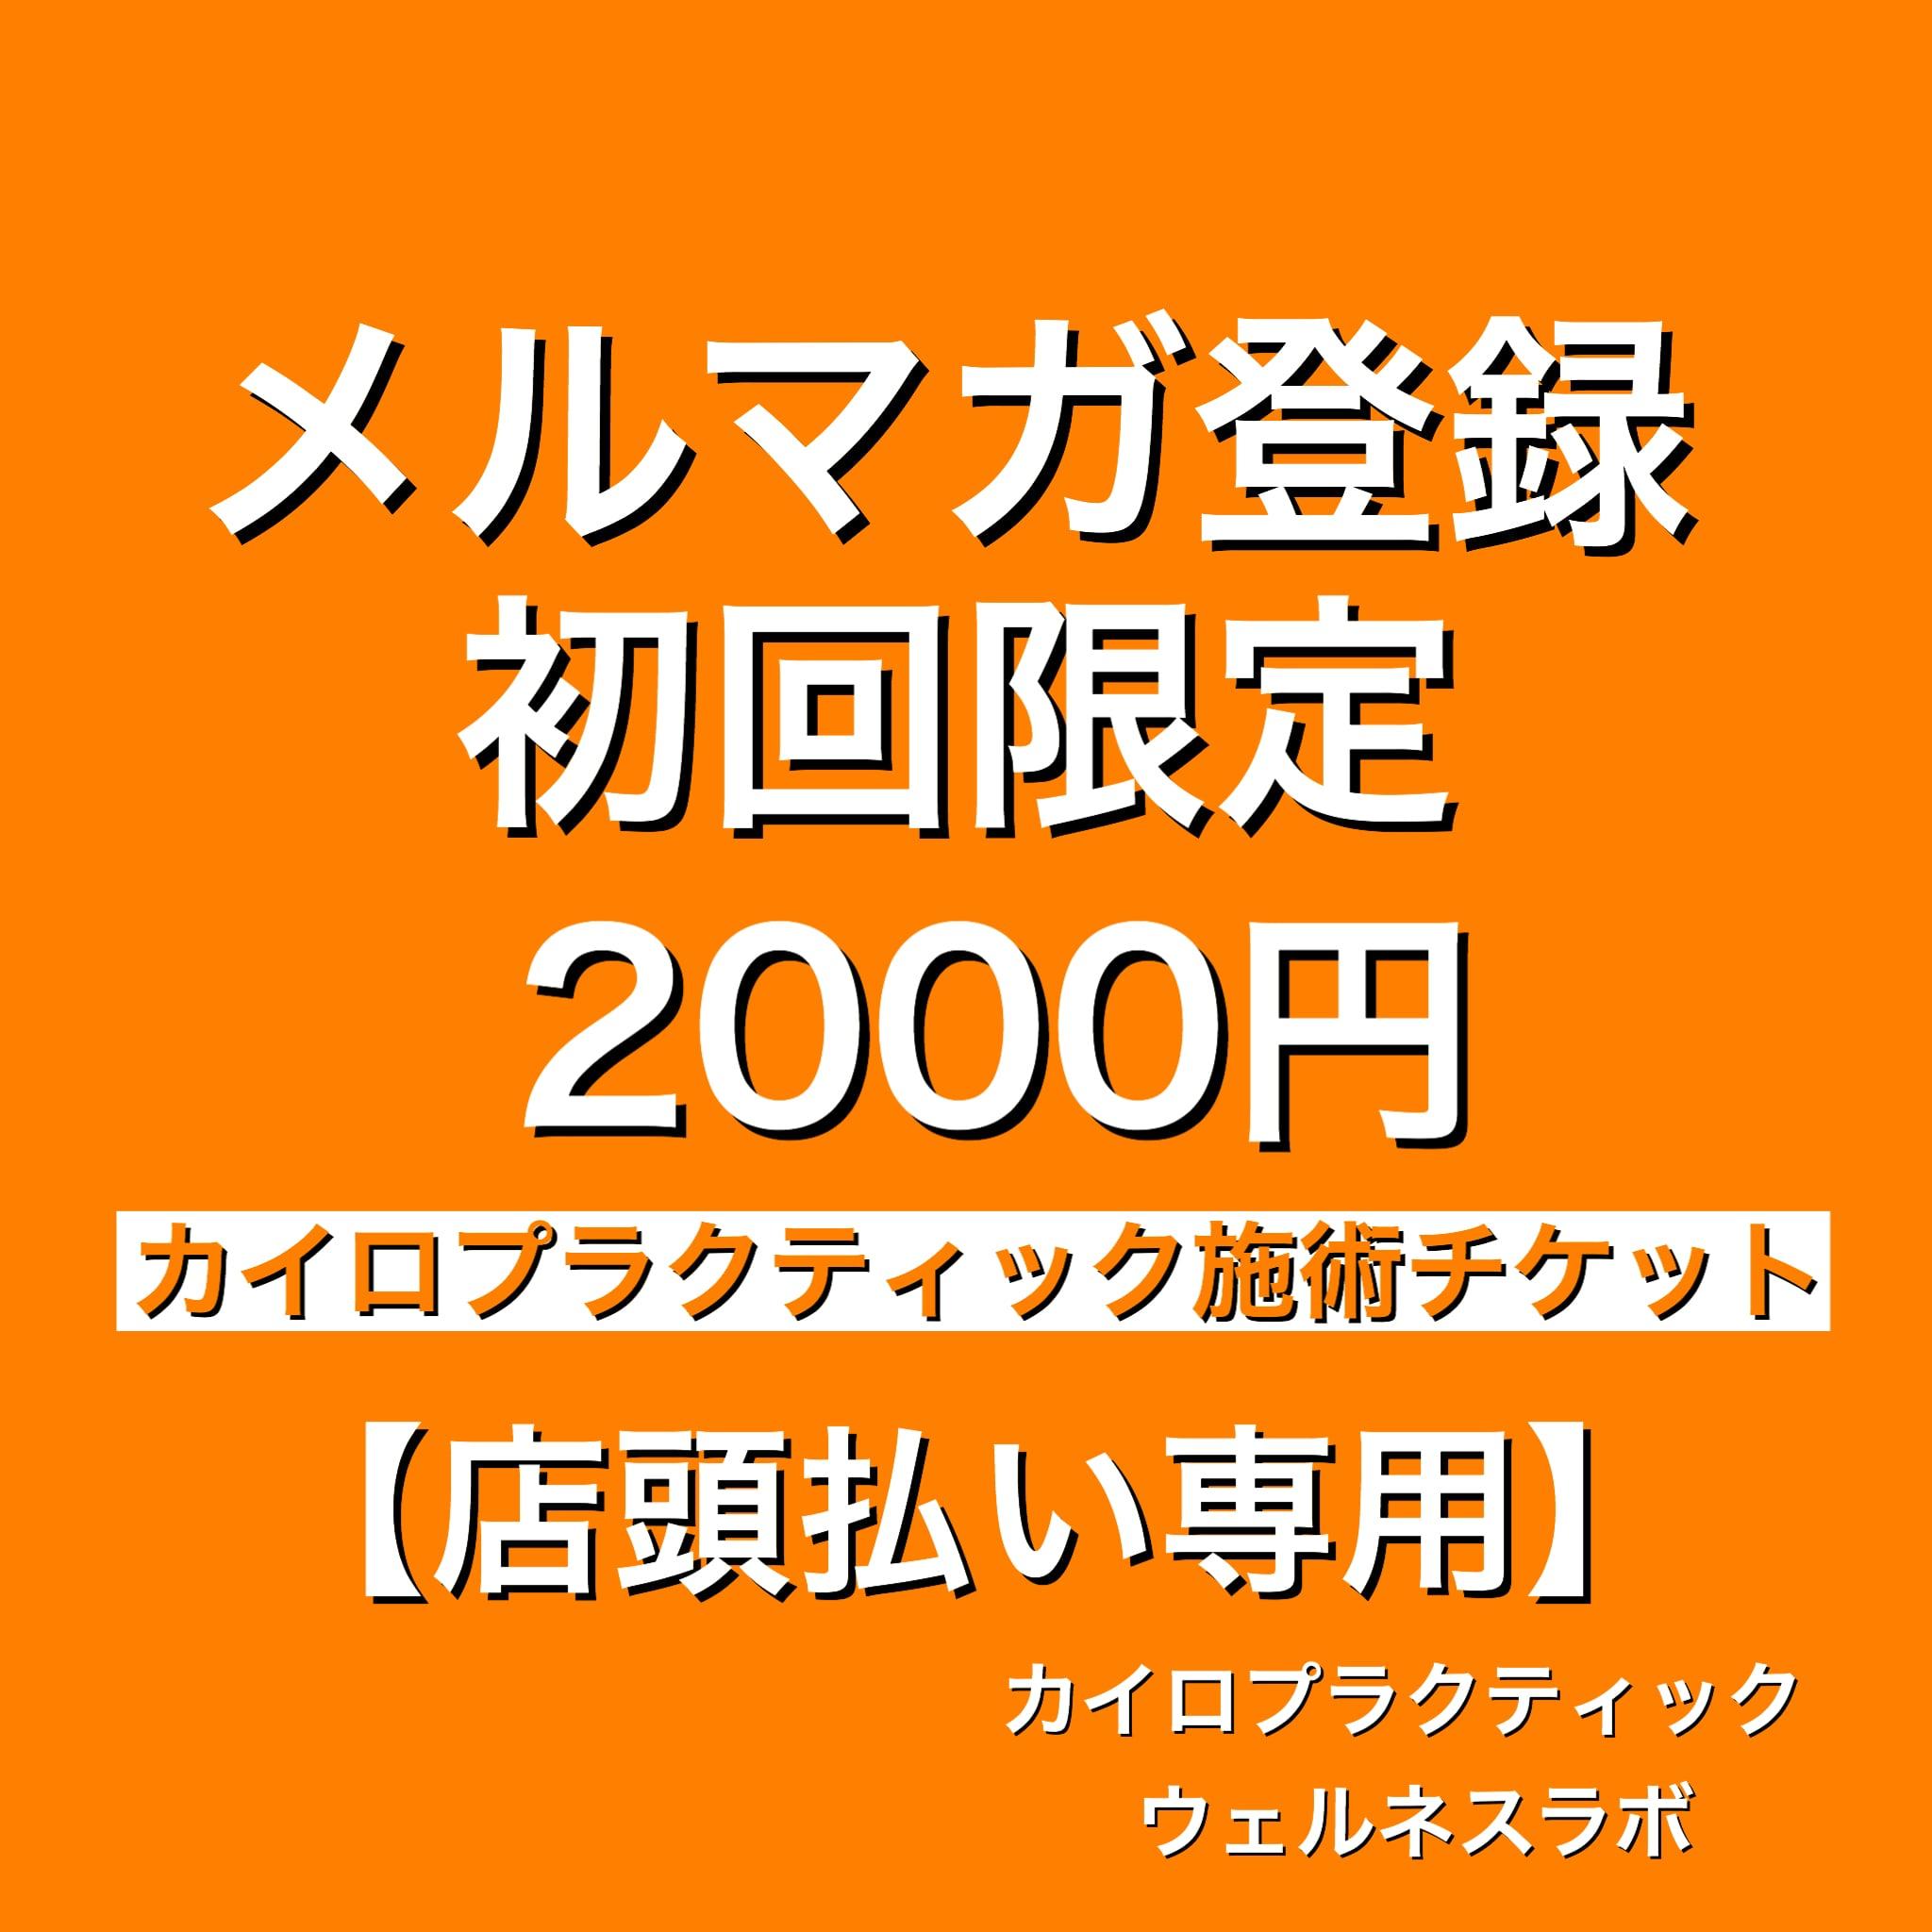 【メルマガ登録初回限定】カイロプラティック施術チケット(店頭払い専用)のイメージその1